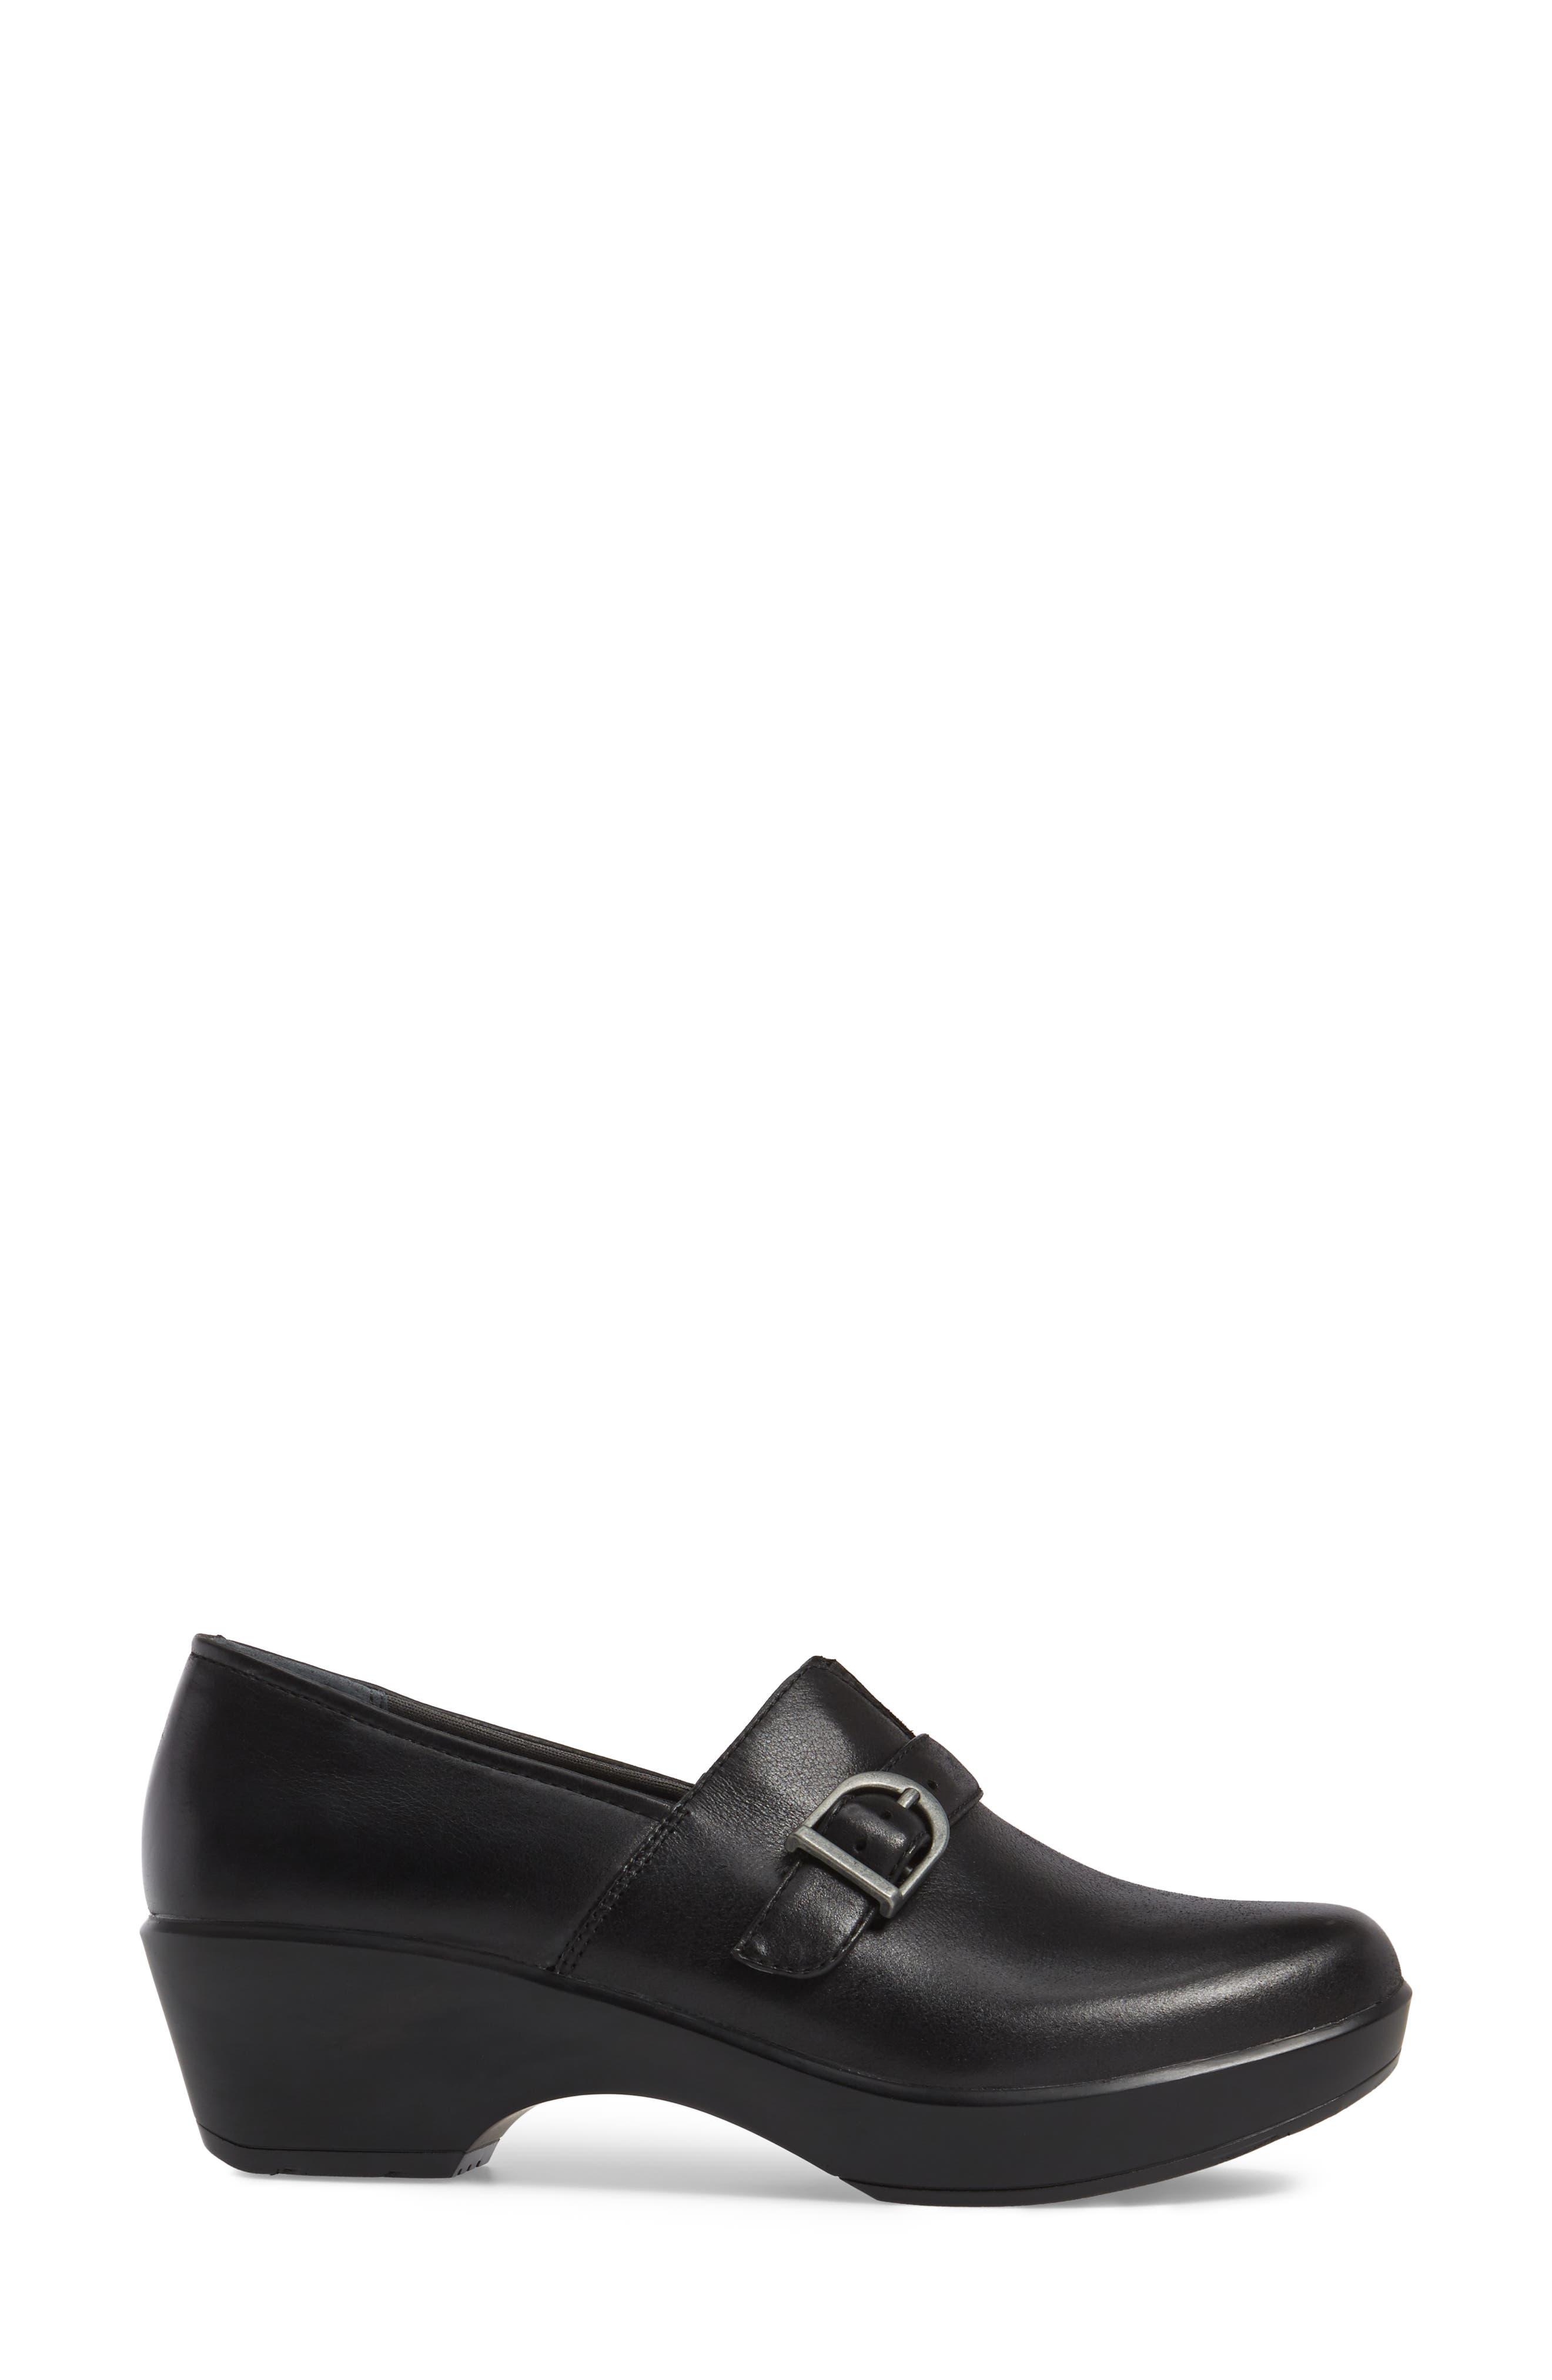 Jane Platform Loafer,                             Alternate thumbnail 3, color,                             Black Burnished Nappa Leather